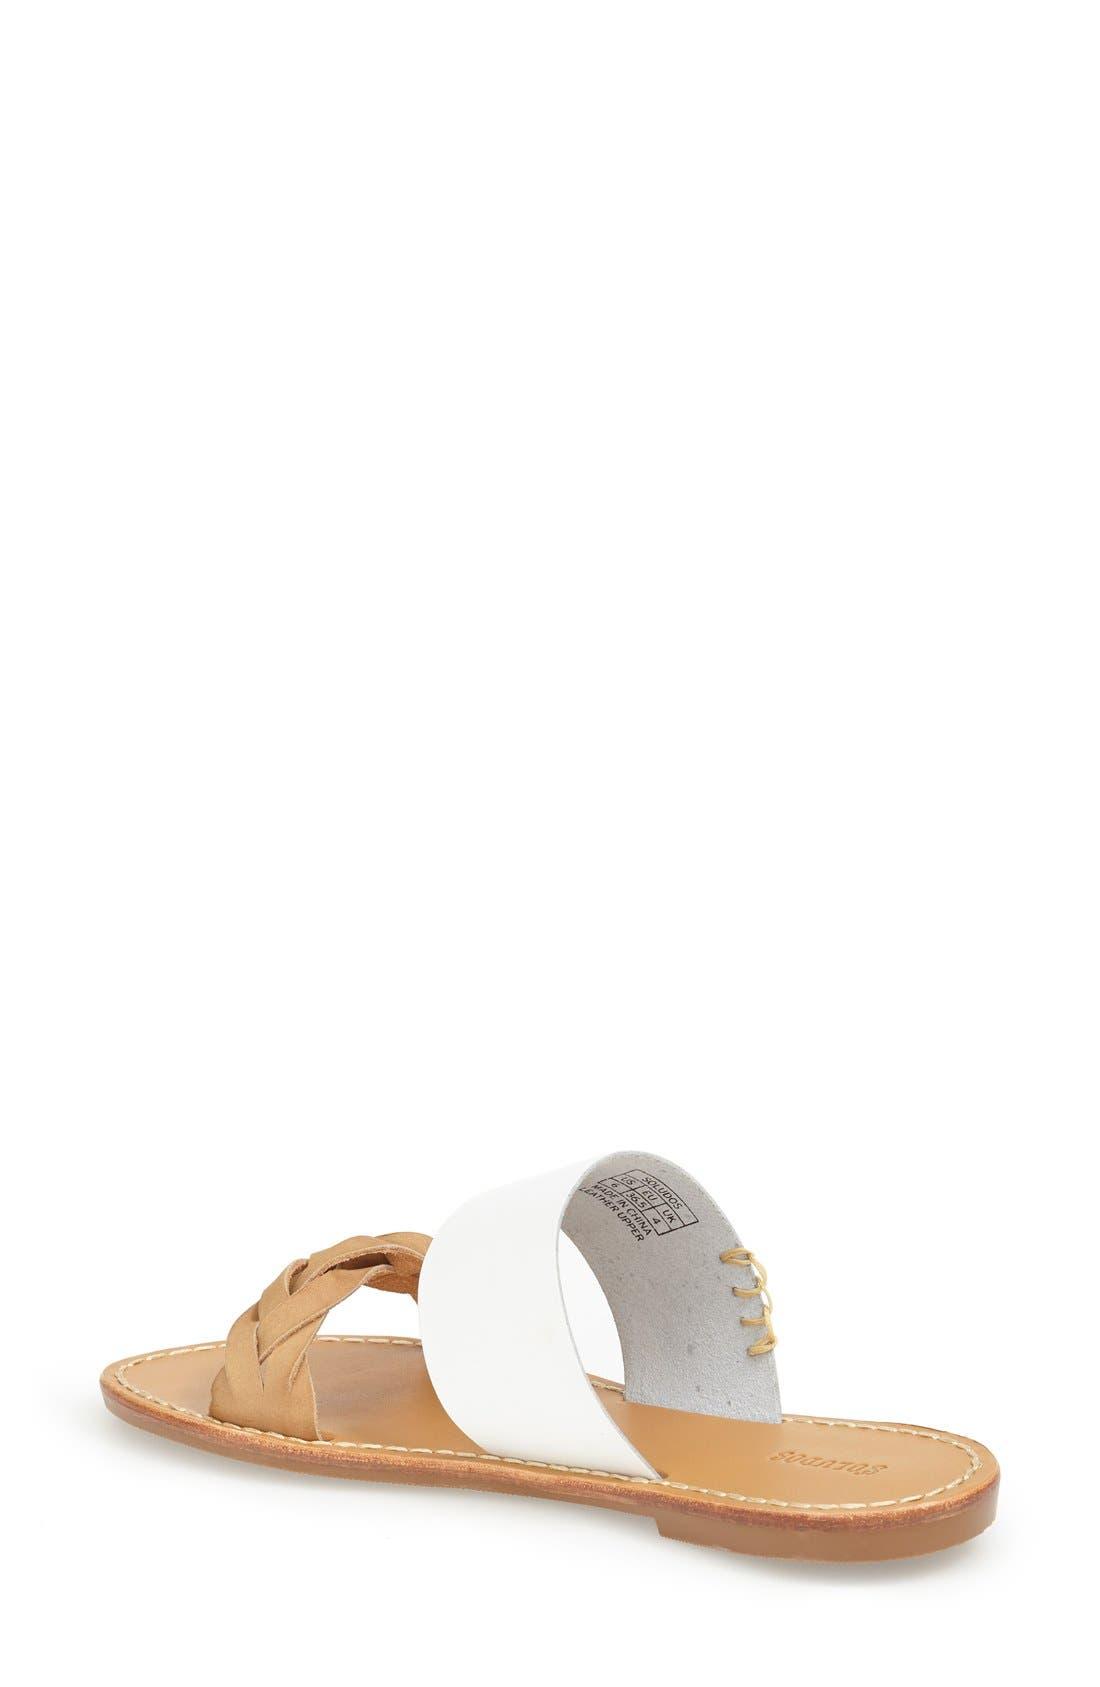 Slide Sandal,                             Alternate thumbnail 2, color,                             WHITE LEATHER